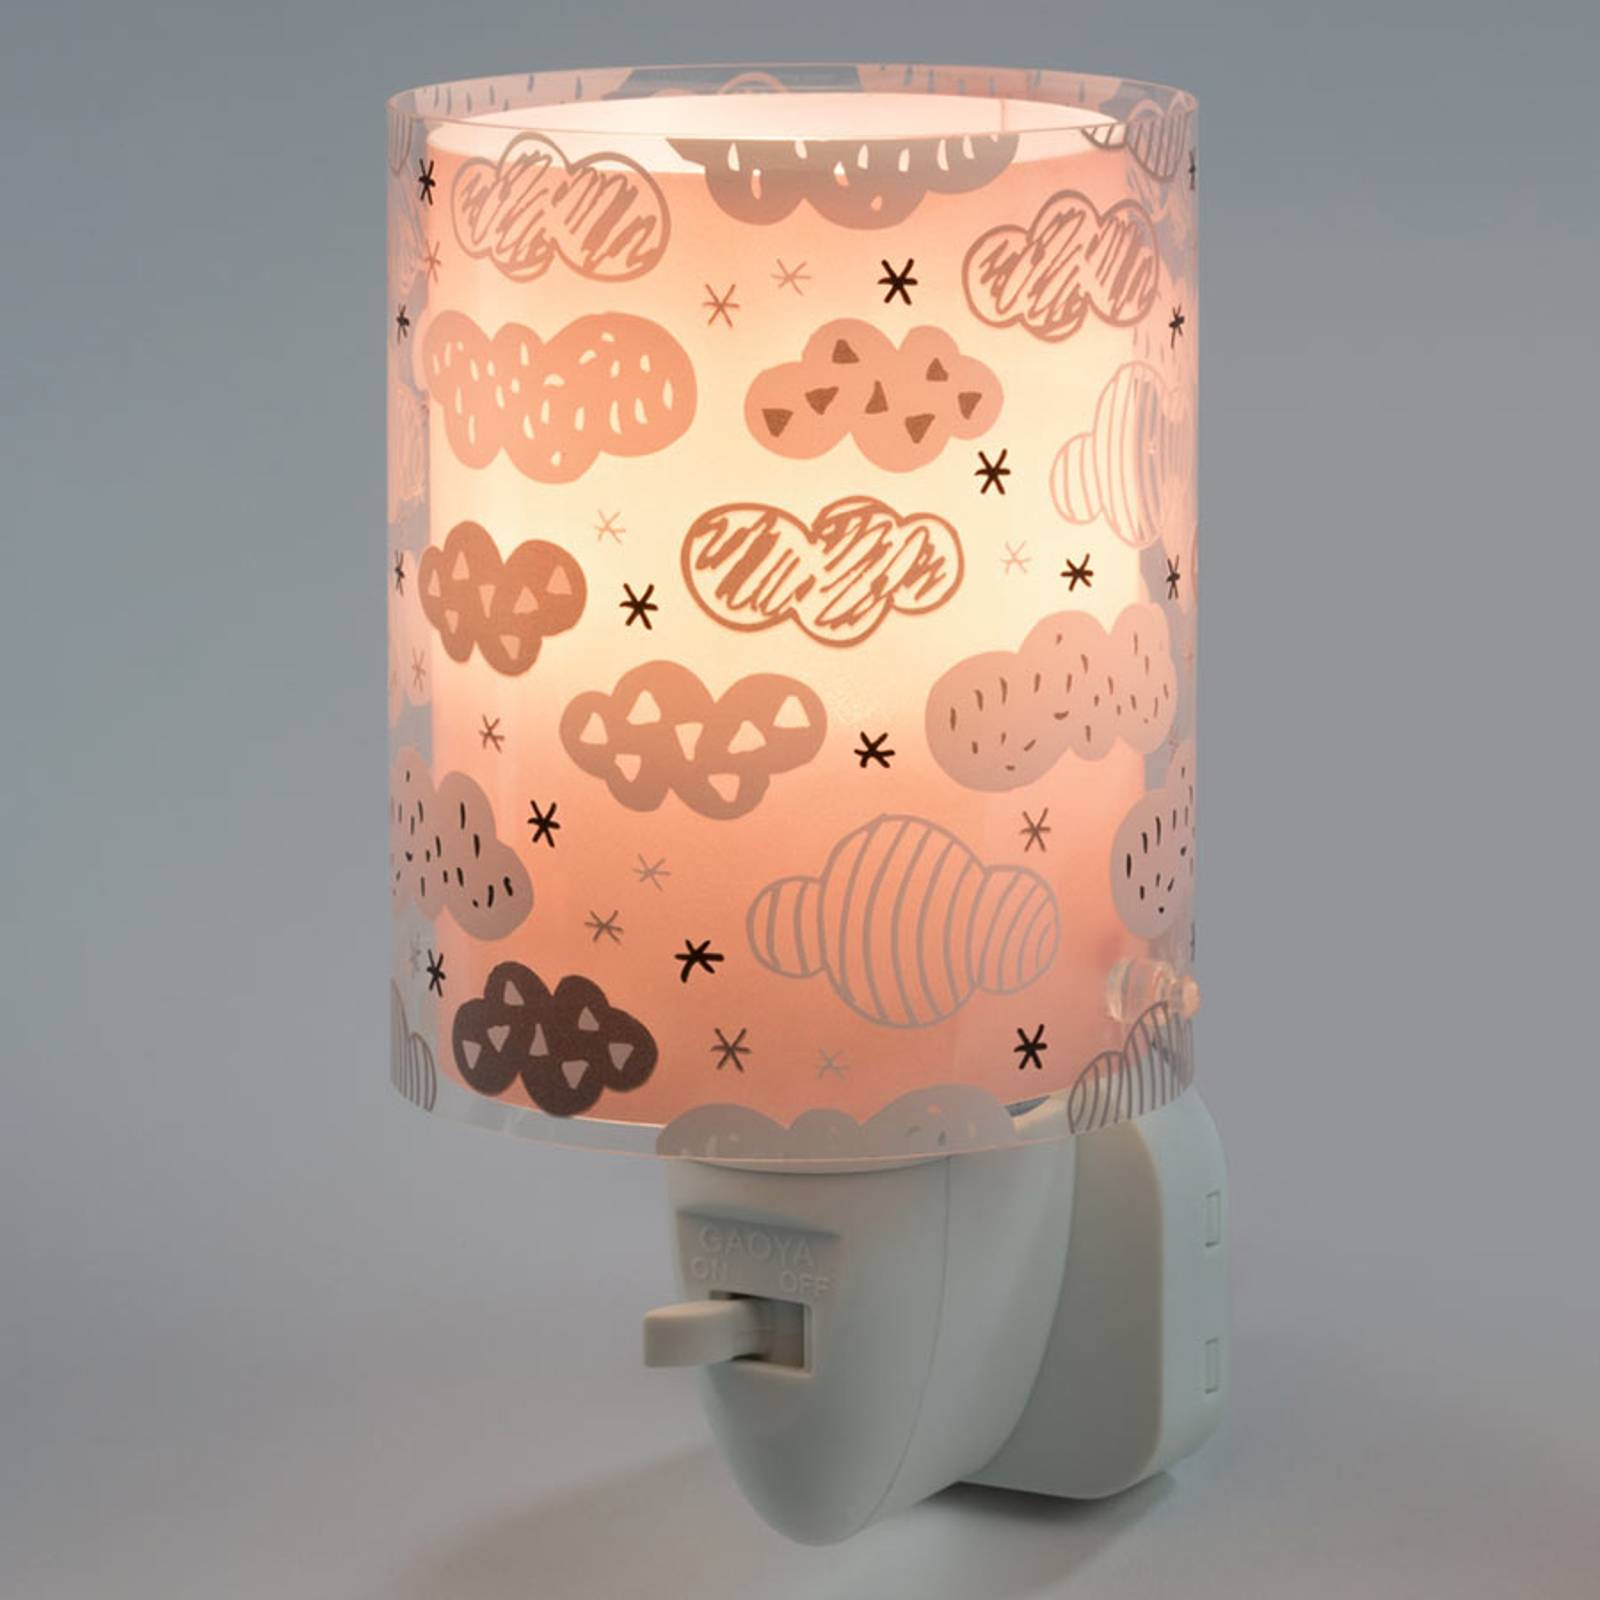 LED-yövalo Clouds, kytkin, vaaleanpunainen